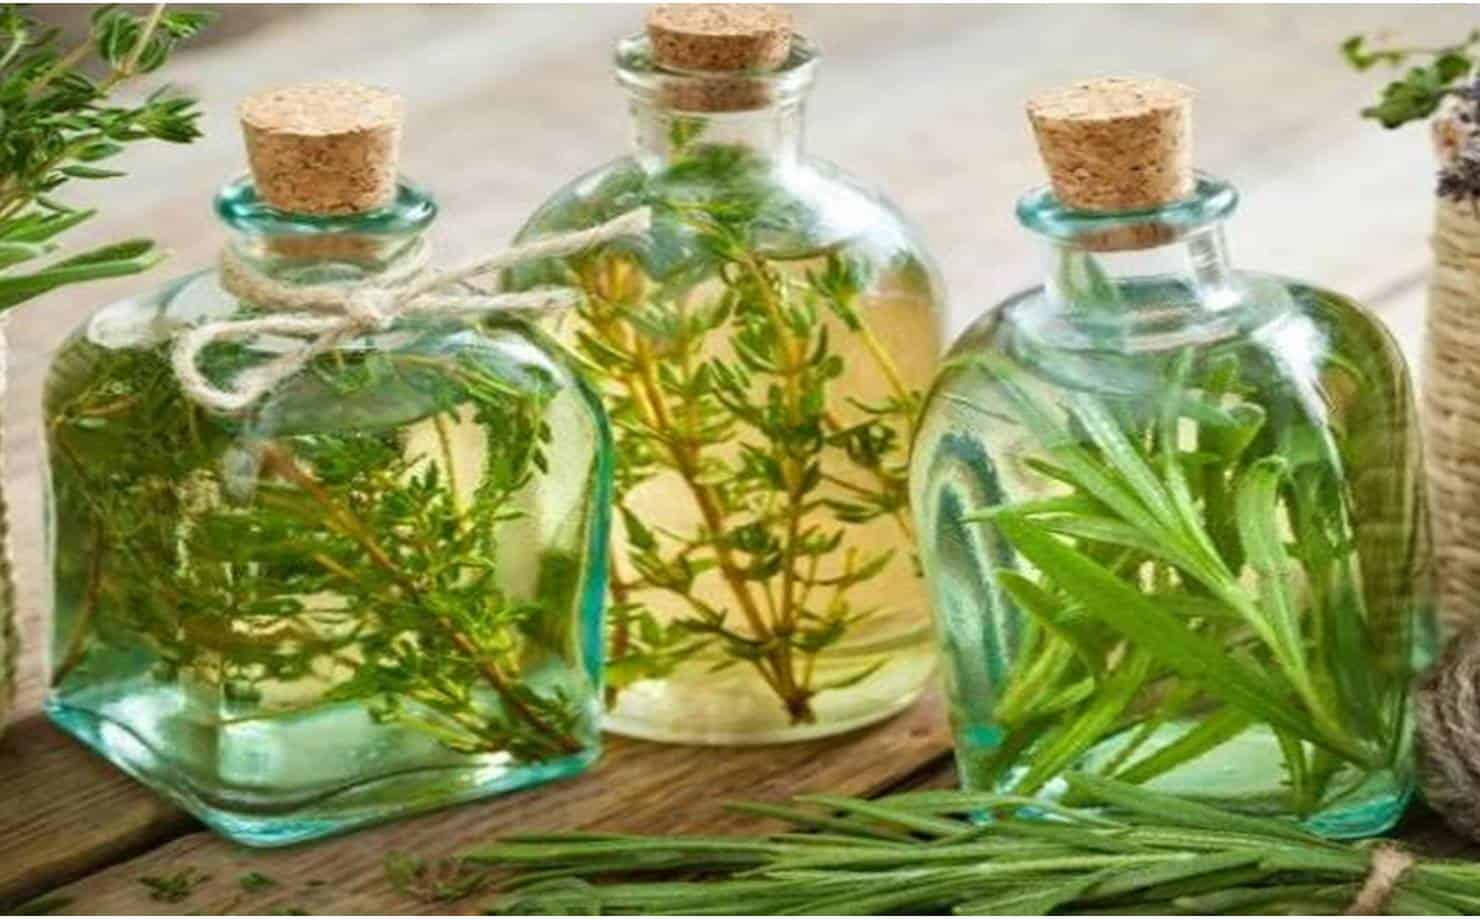 Vinagre aromatizado: ideal para limpar e deixar a casa cheirosa